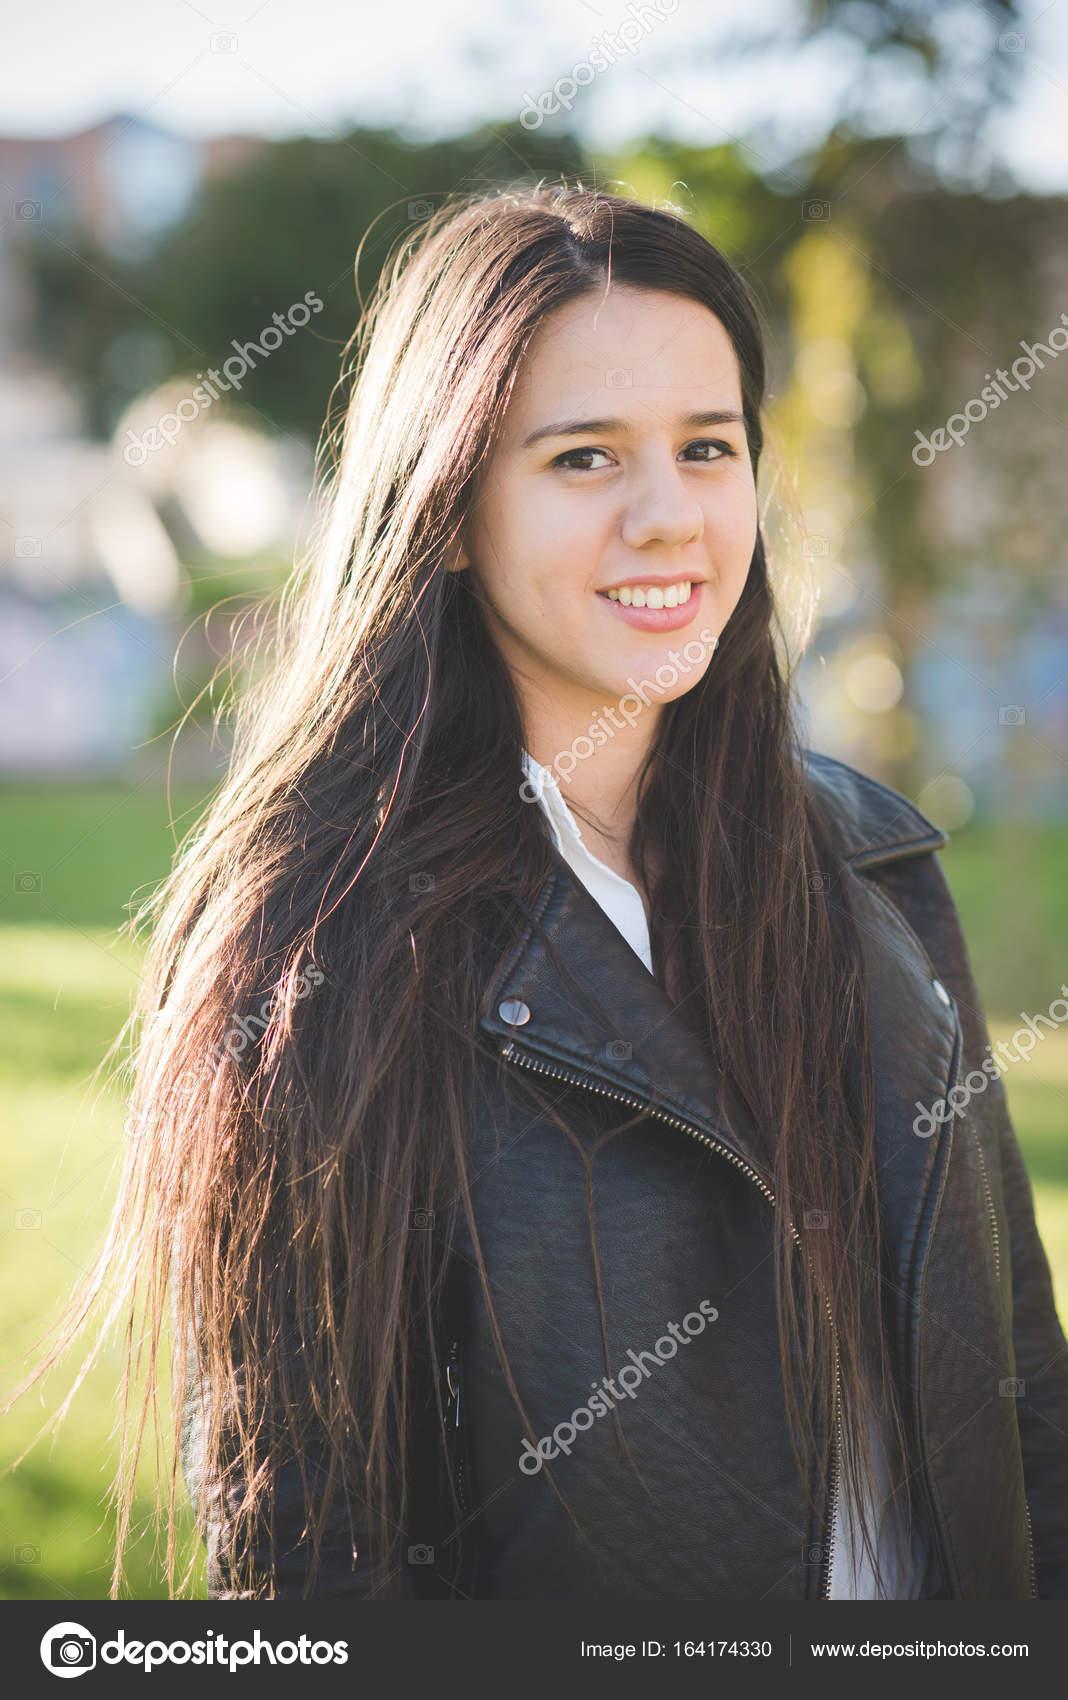 Junge Schöne Lange Haare Frau In Der Stadt Stockfoto